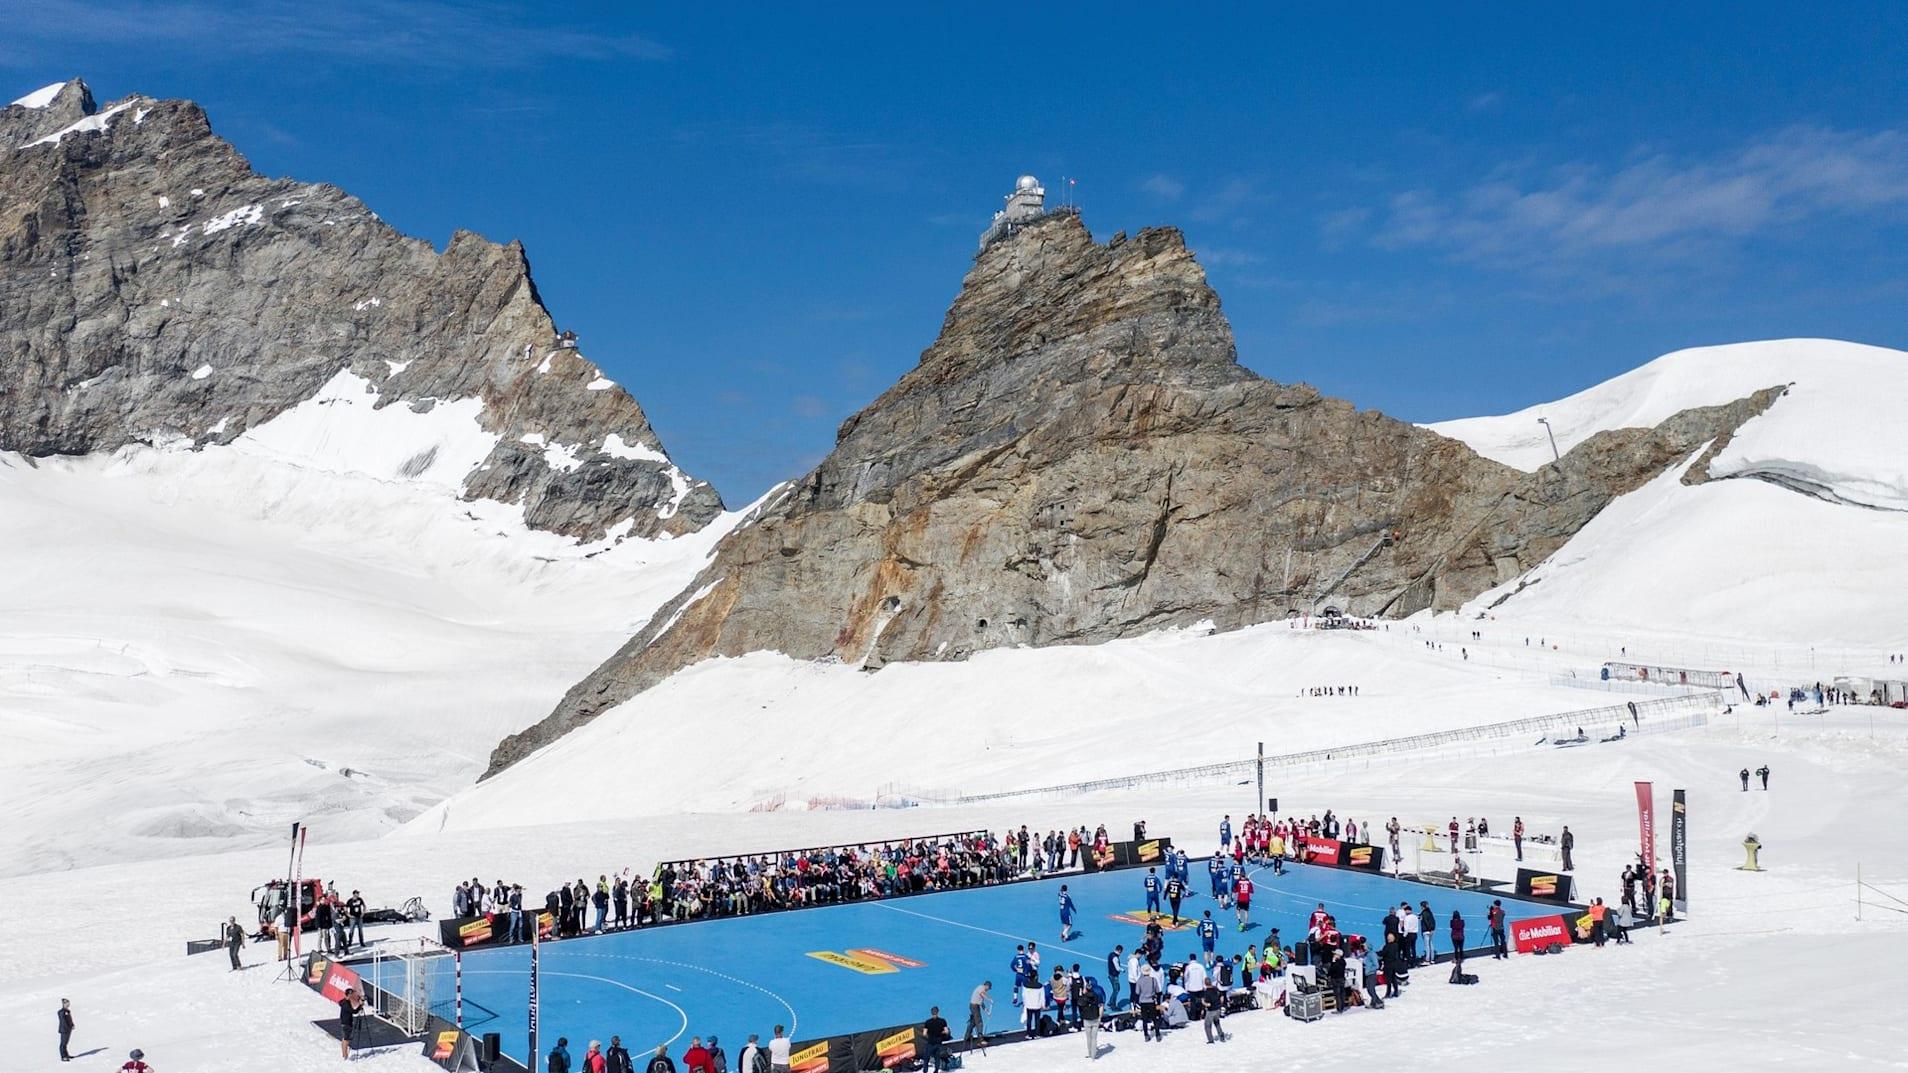 Handball 4 Handballfeld auf dem Jungfraujoch